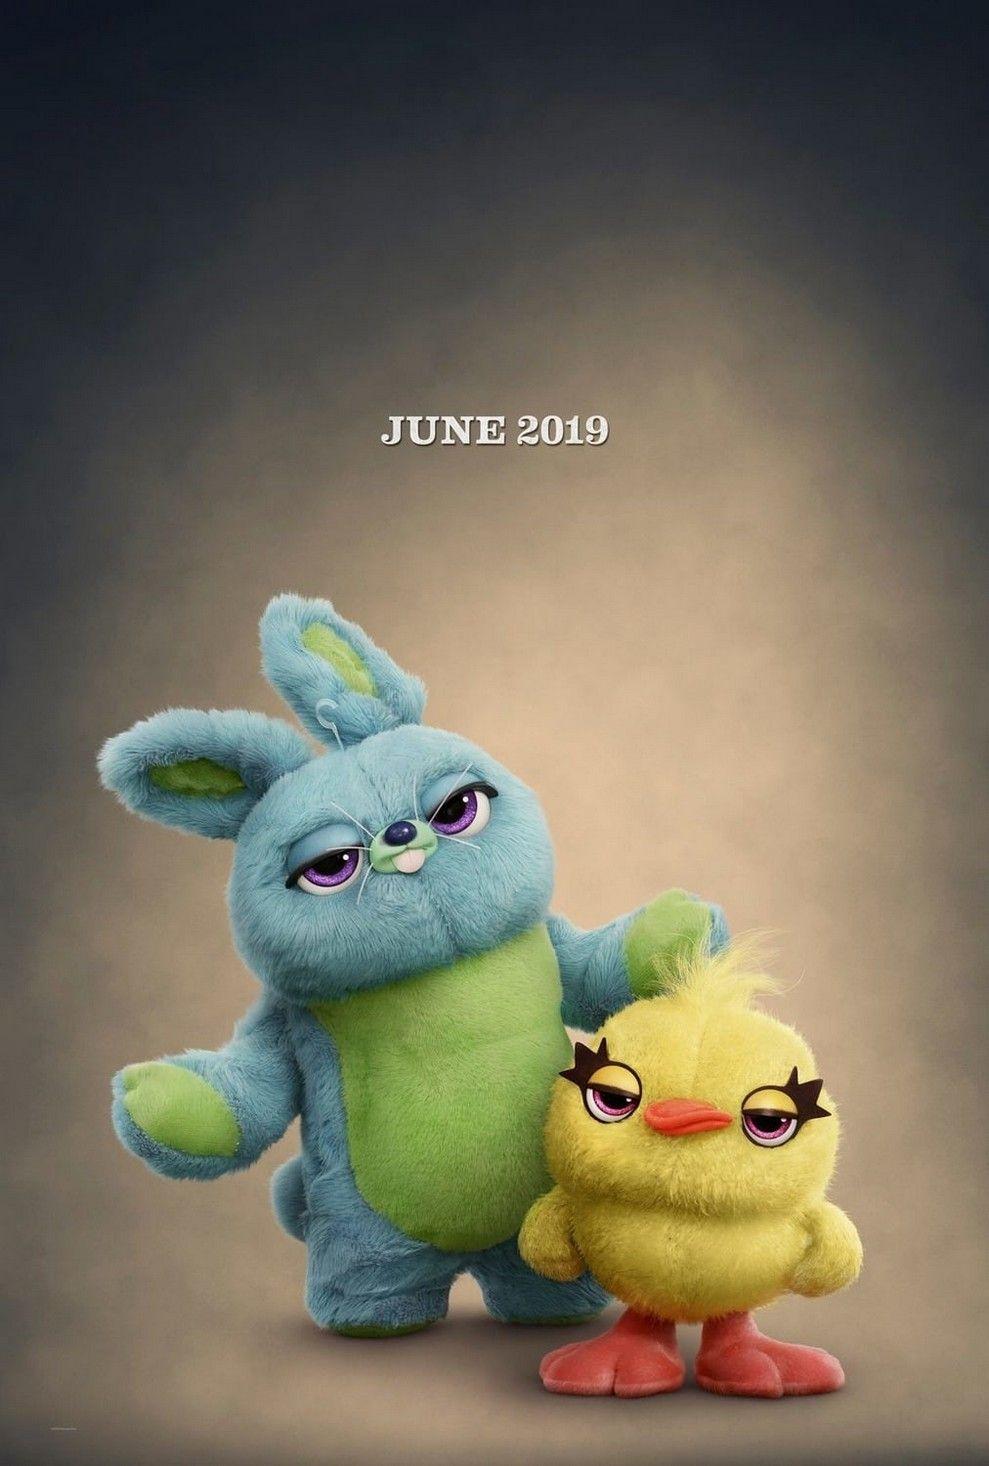 La Toy Story 4 Pelicula Completa En Espanol Latino Pelisplus Toy Story Personajes Pelicula Toy Story Peliculas En Espanol Latino